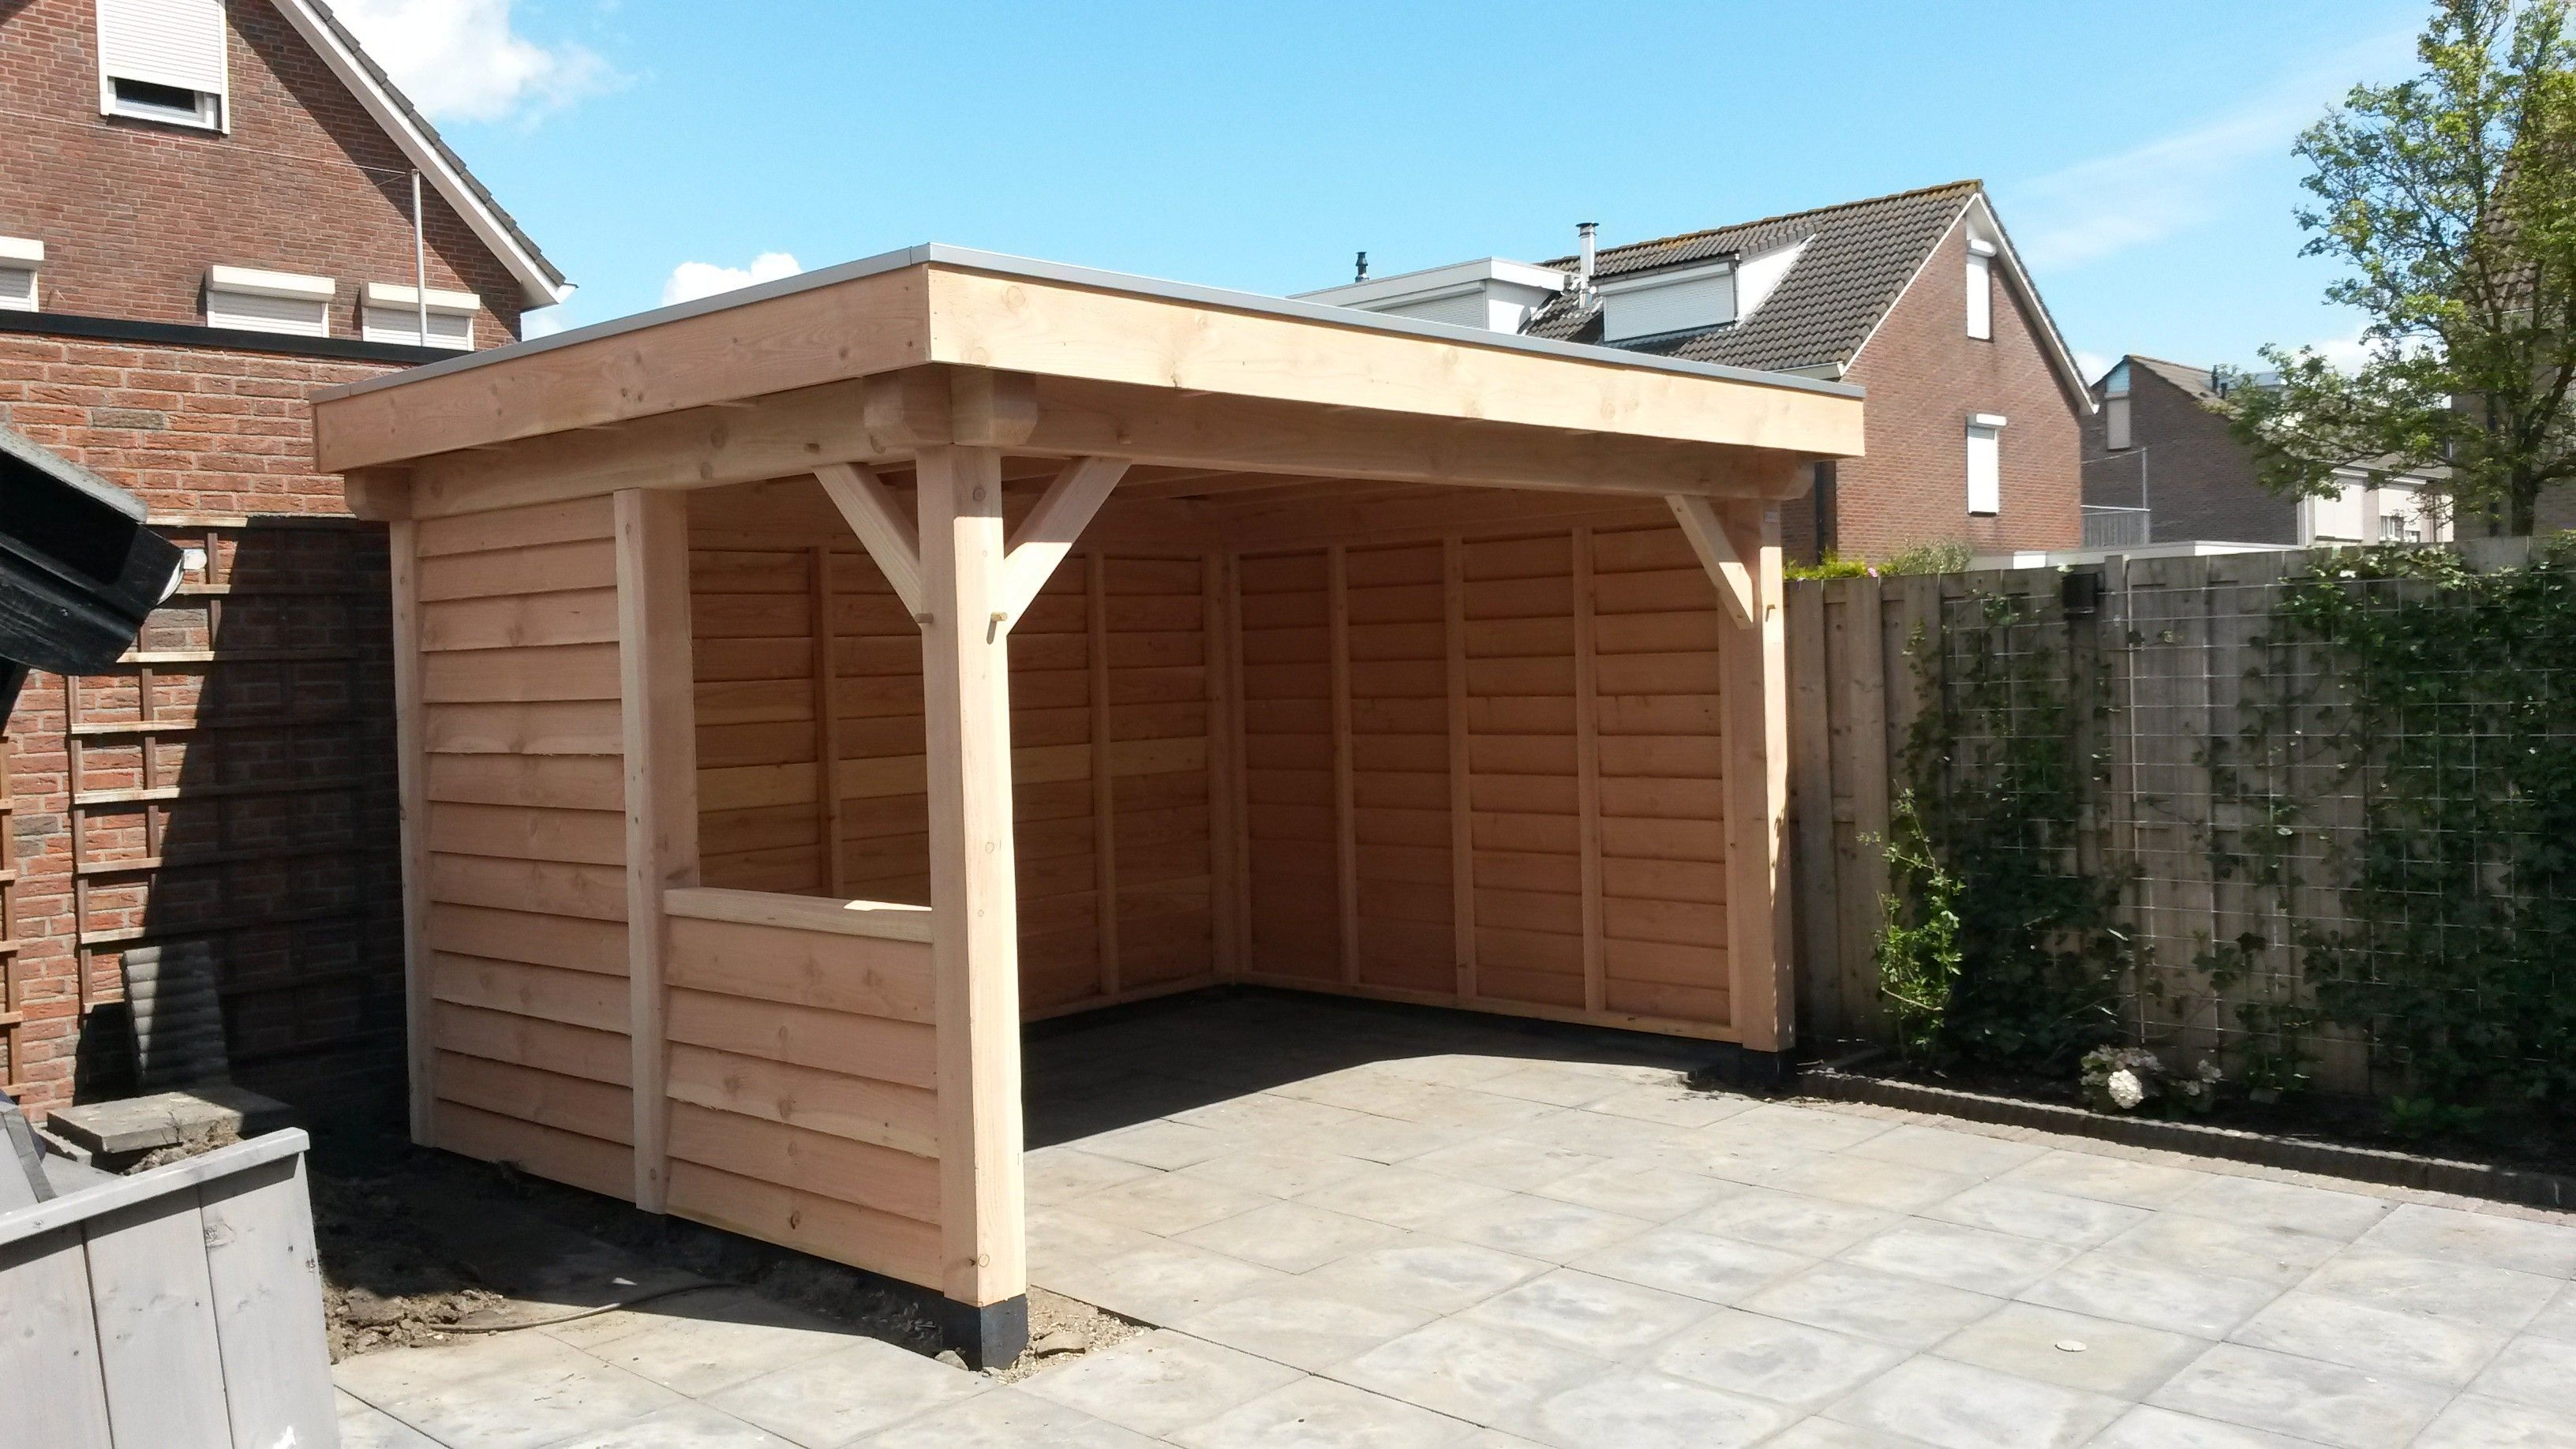 Tuinhuis tuinhuis hout behandelen Goedkope douglas veranda 400x300 kopen? Bestel bij Budget Houtbouw